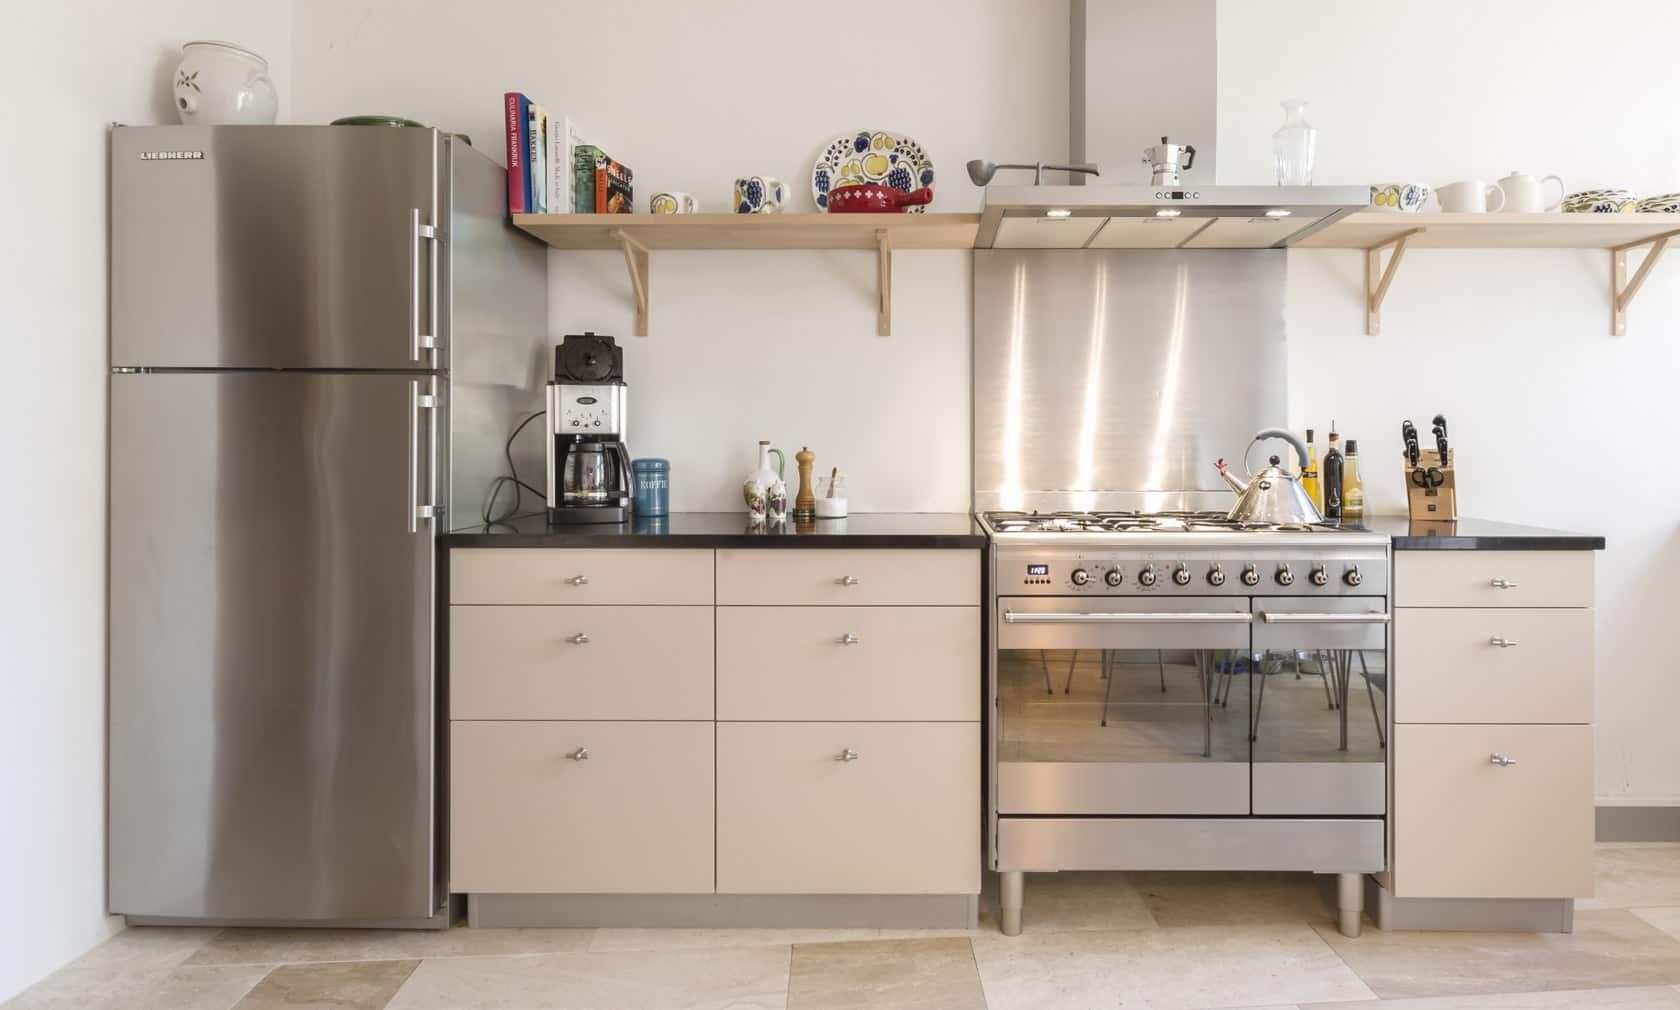 Keuken Apparatuur Merken : De beste keukenapparatuur voor uw keuken